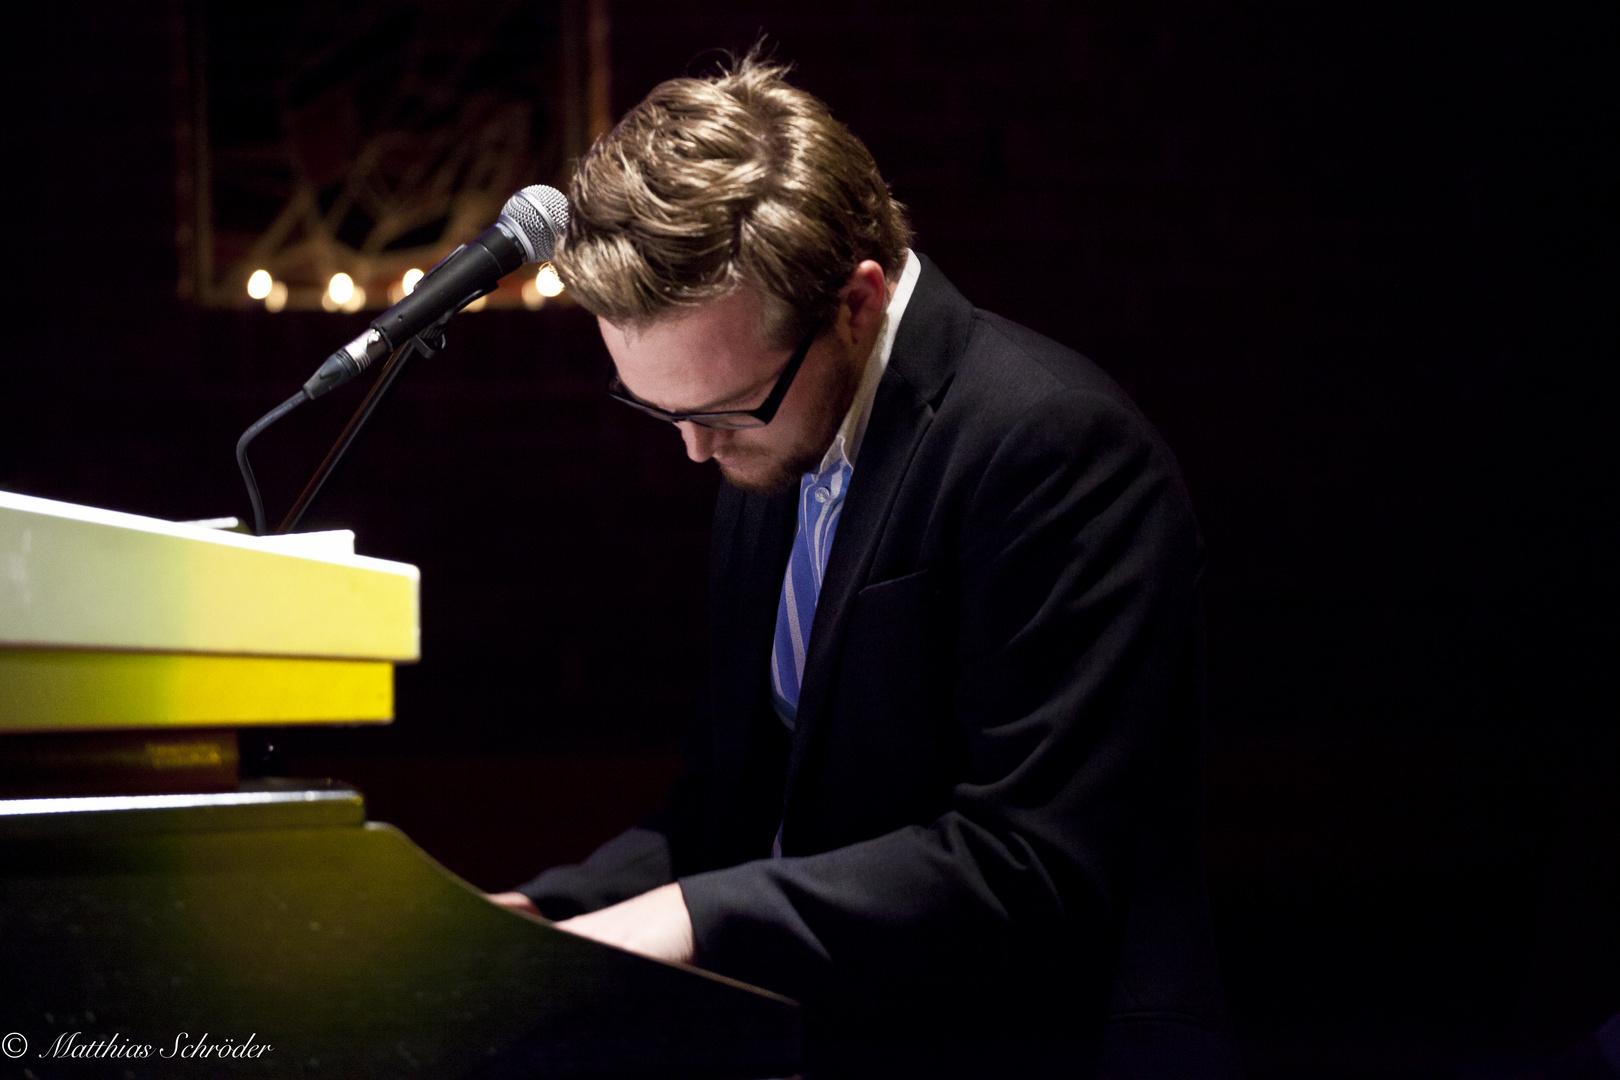 Daniel John Riedl - playing the piano